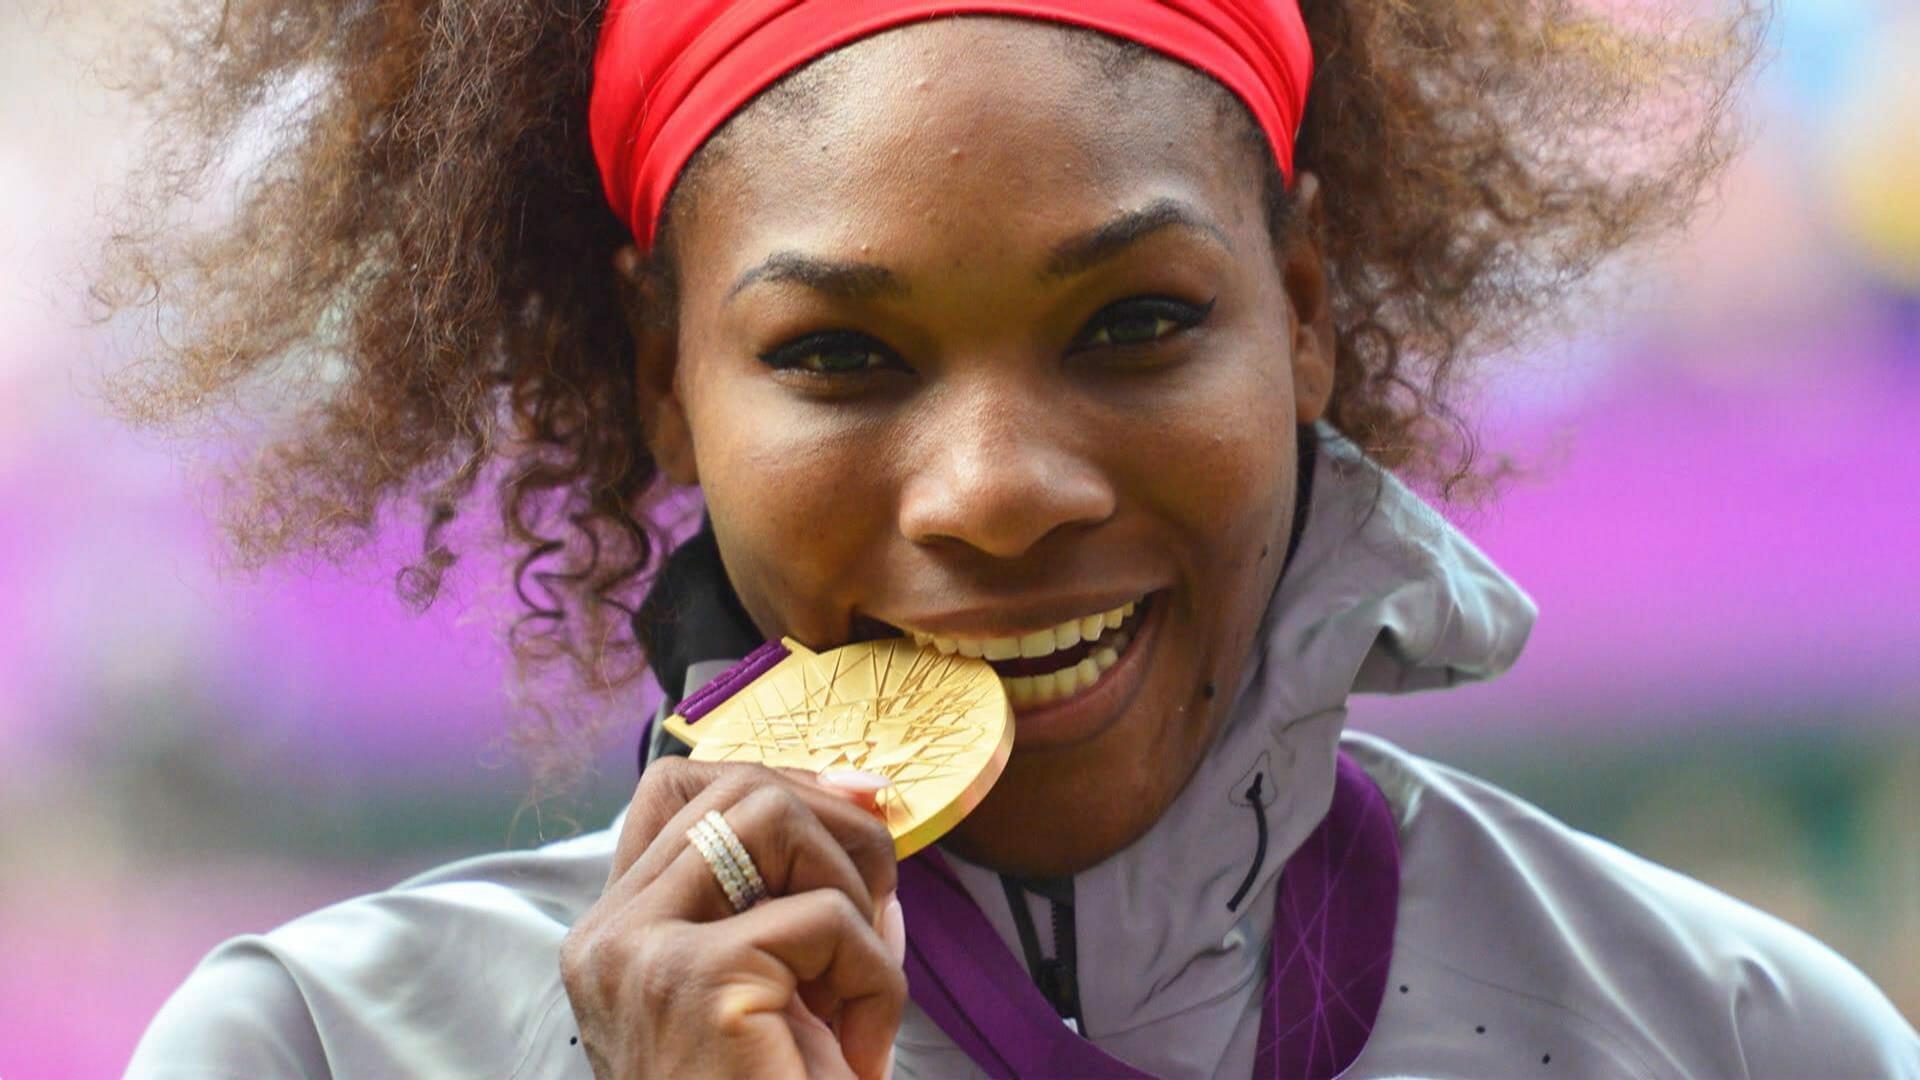 Découvrez les habitudes alimentaires de Serena Williams